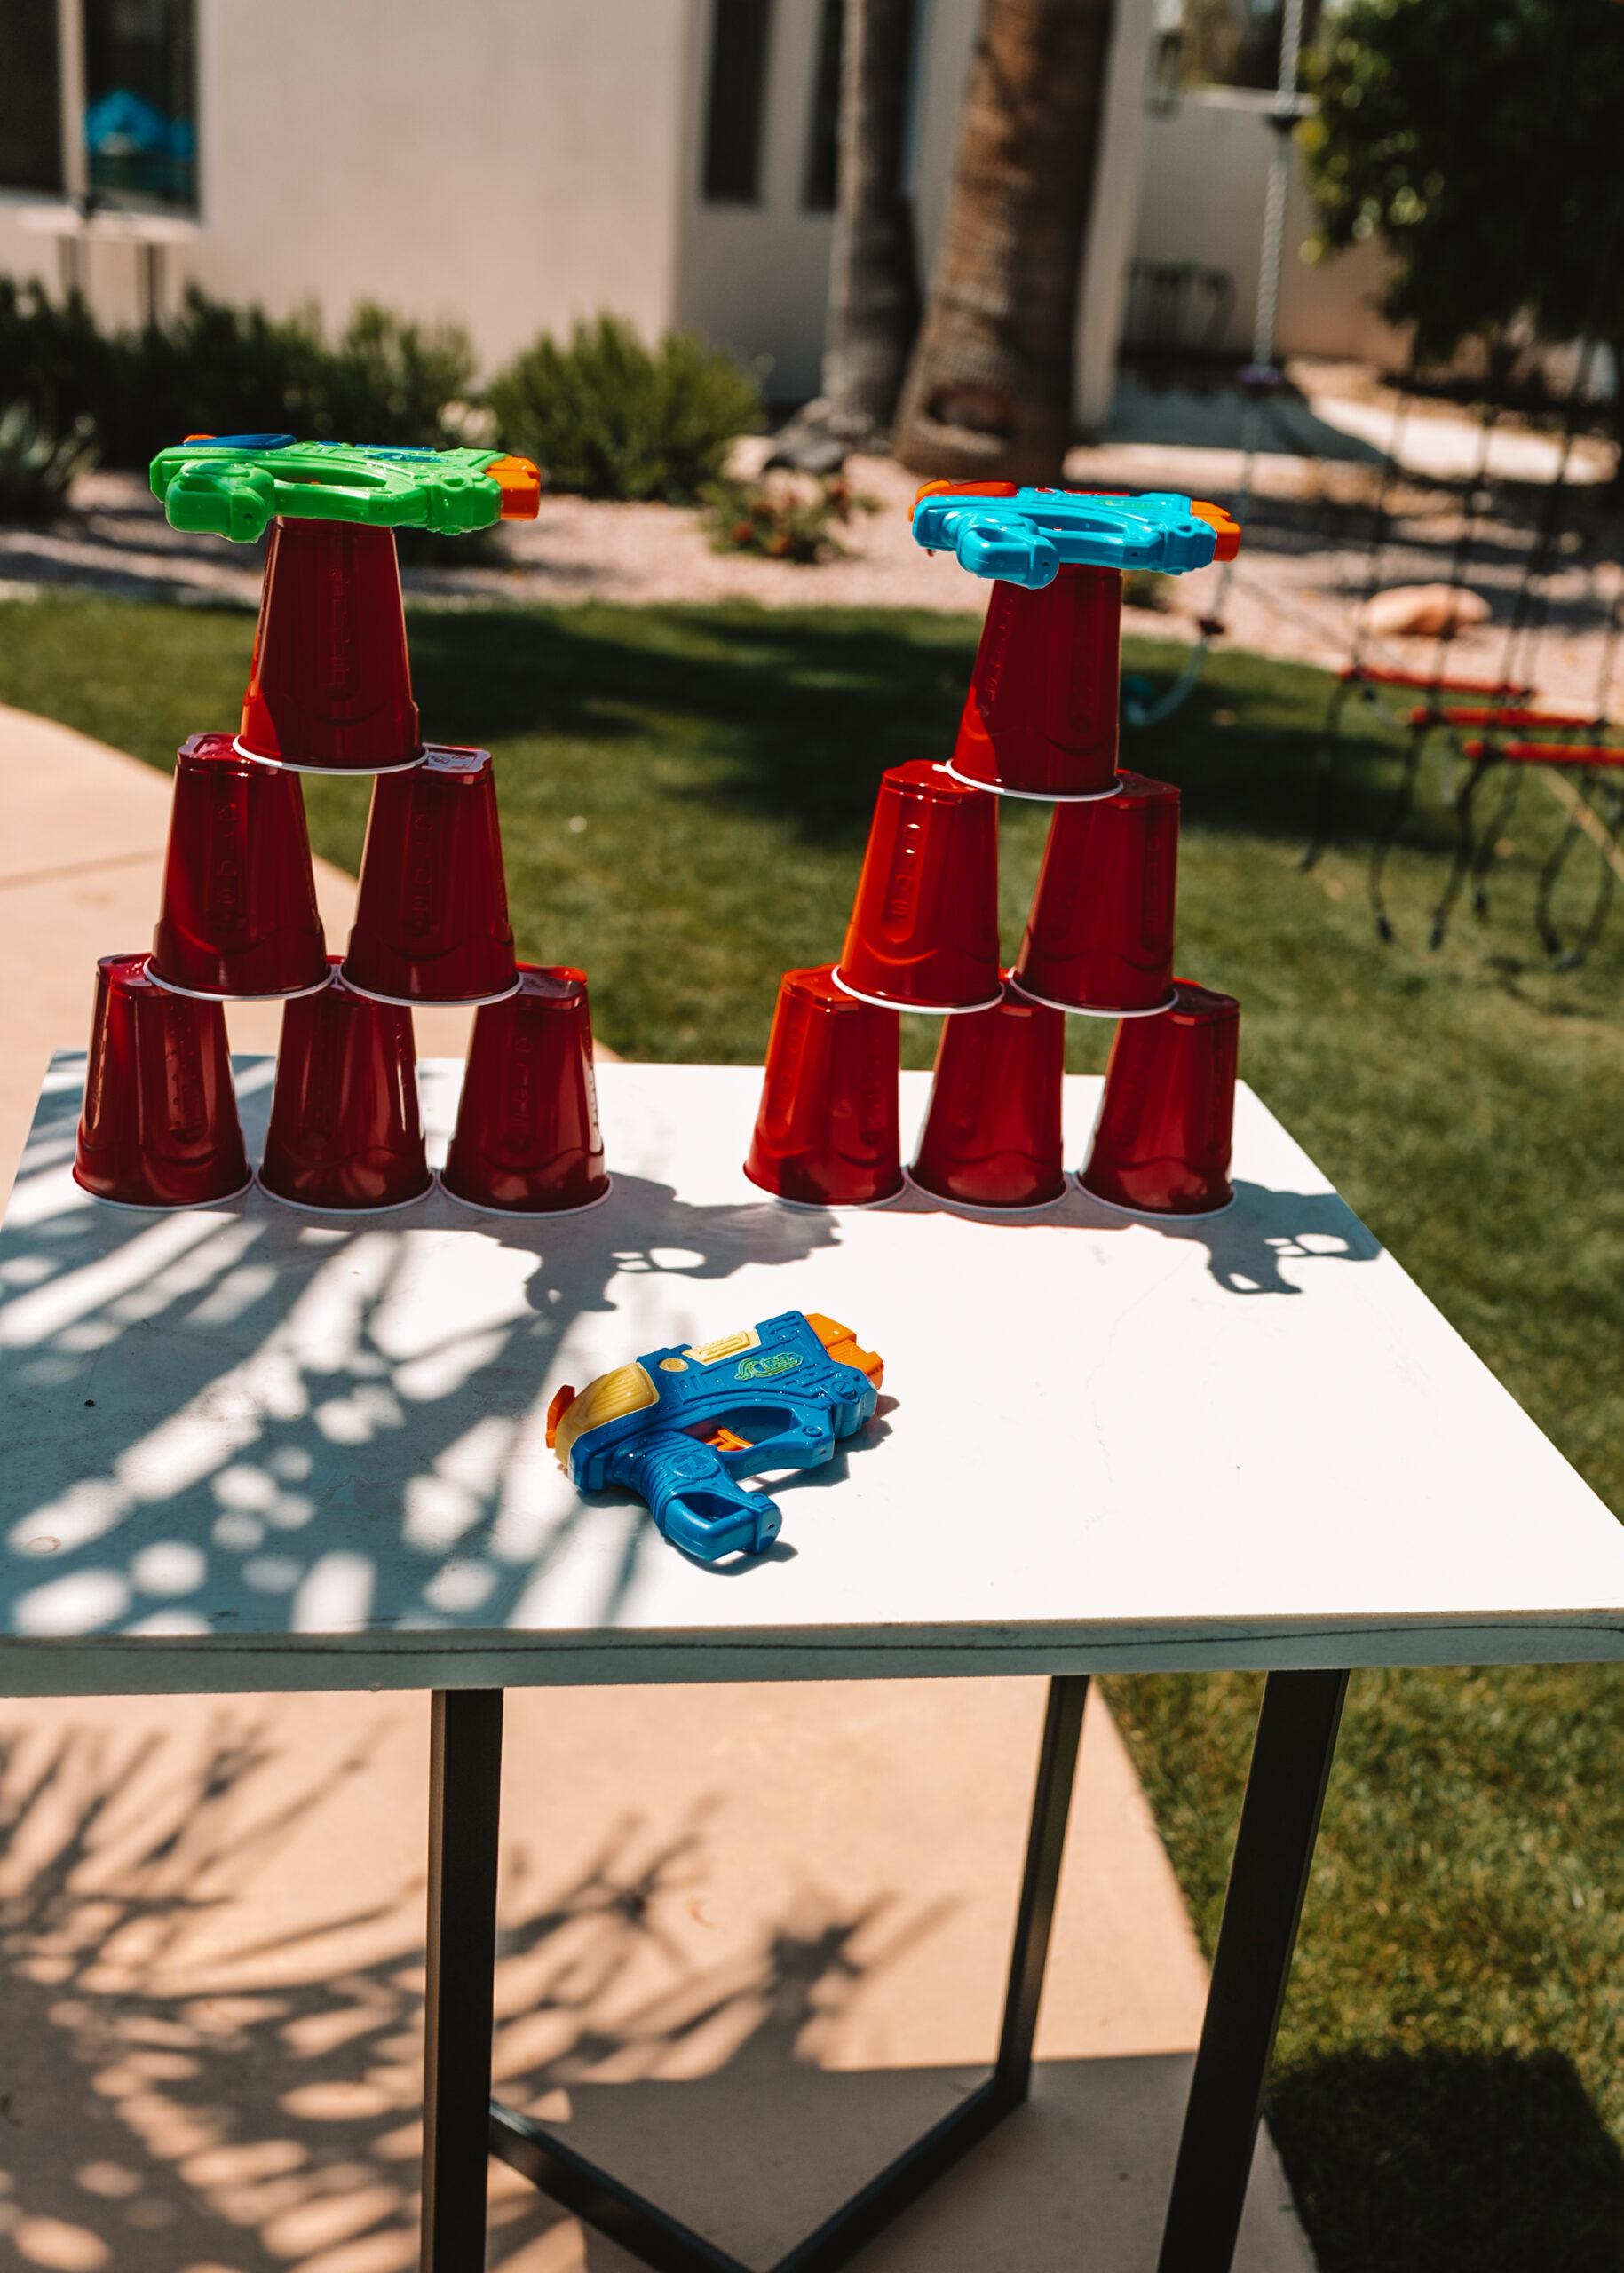 water gun cup tower shooting game. #outdoorfun #thelovedesigendlife #backyardwatergames